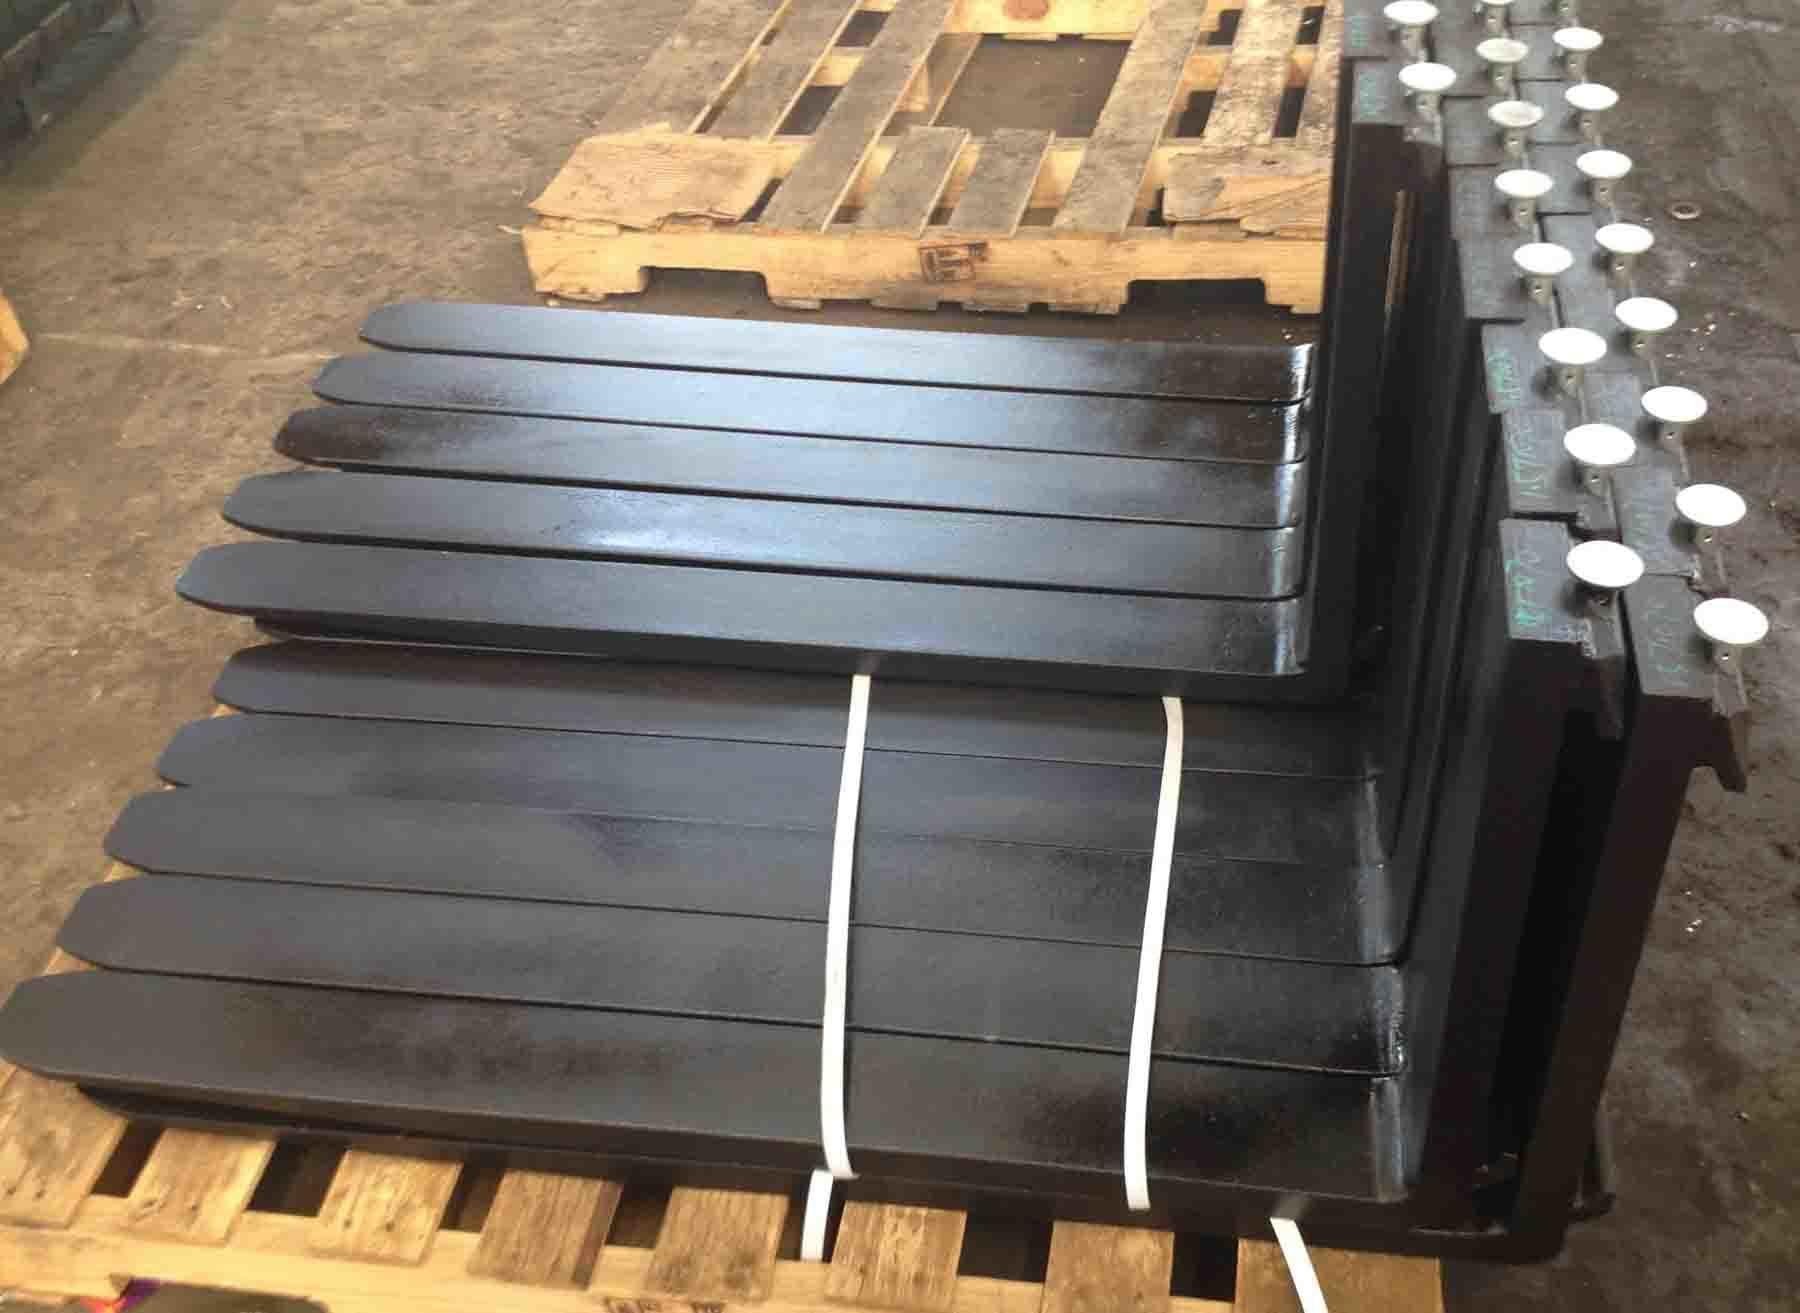 1-8t Forklift Forks I. T. a. Forks - Hook Type Fork